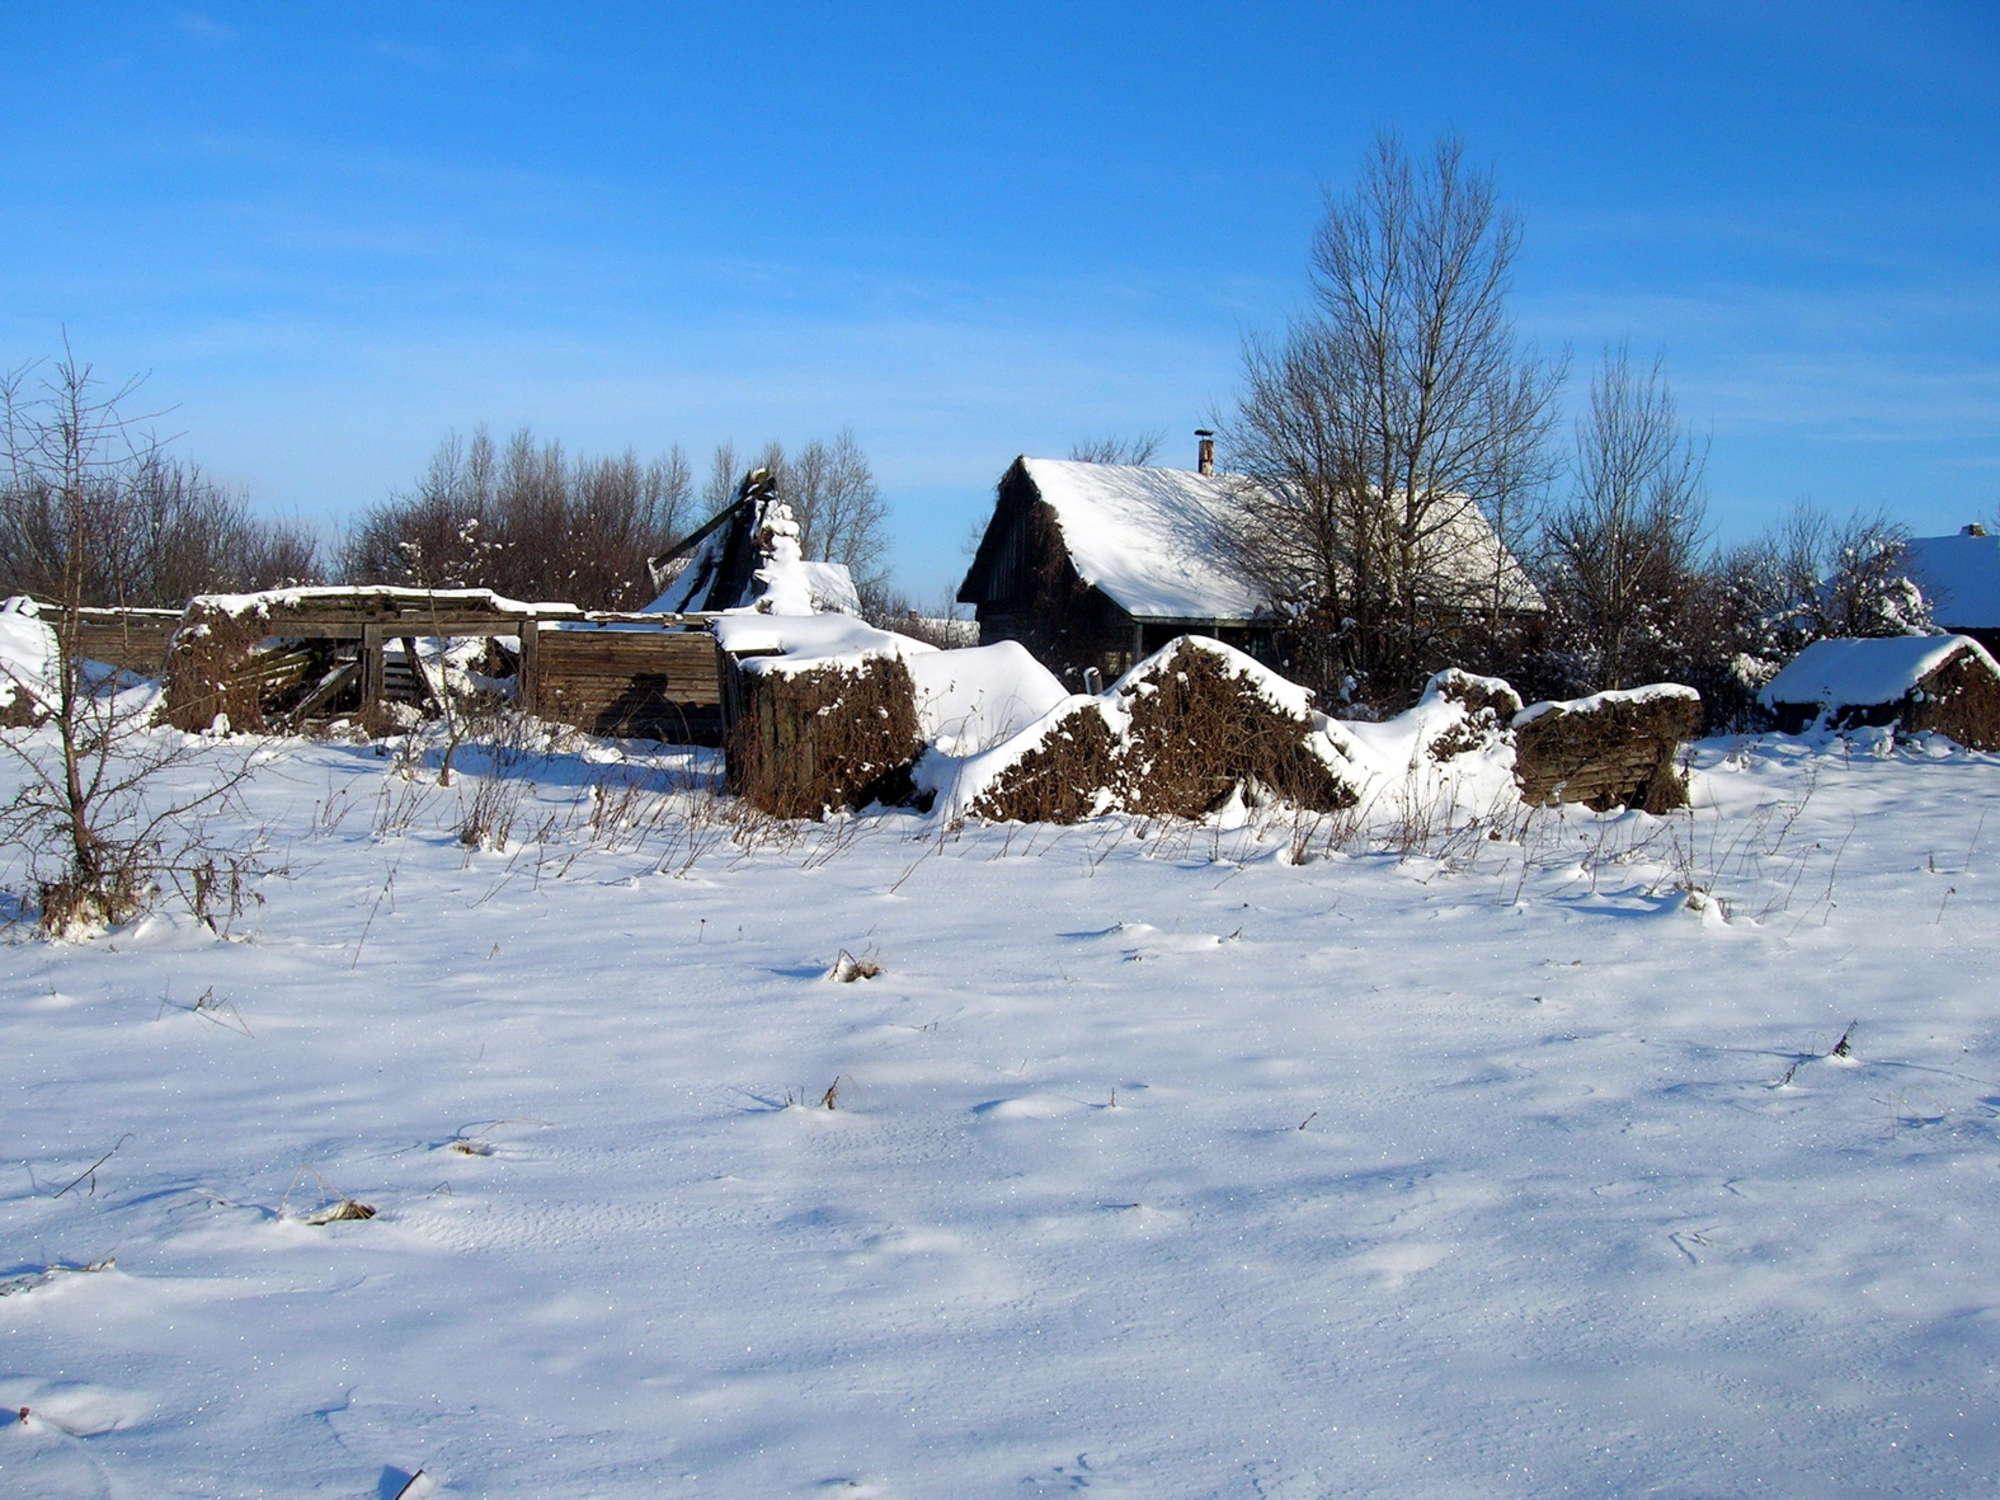 Εδώ κάποτε ήταν το χωριό Badchin... Φωτο: Valeriy Yurko